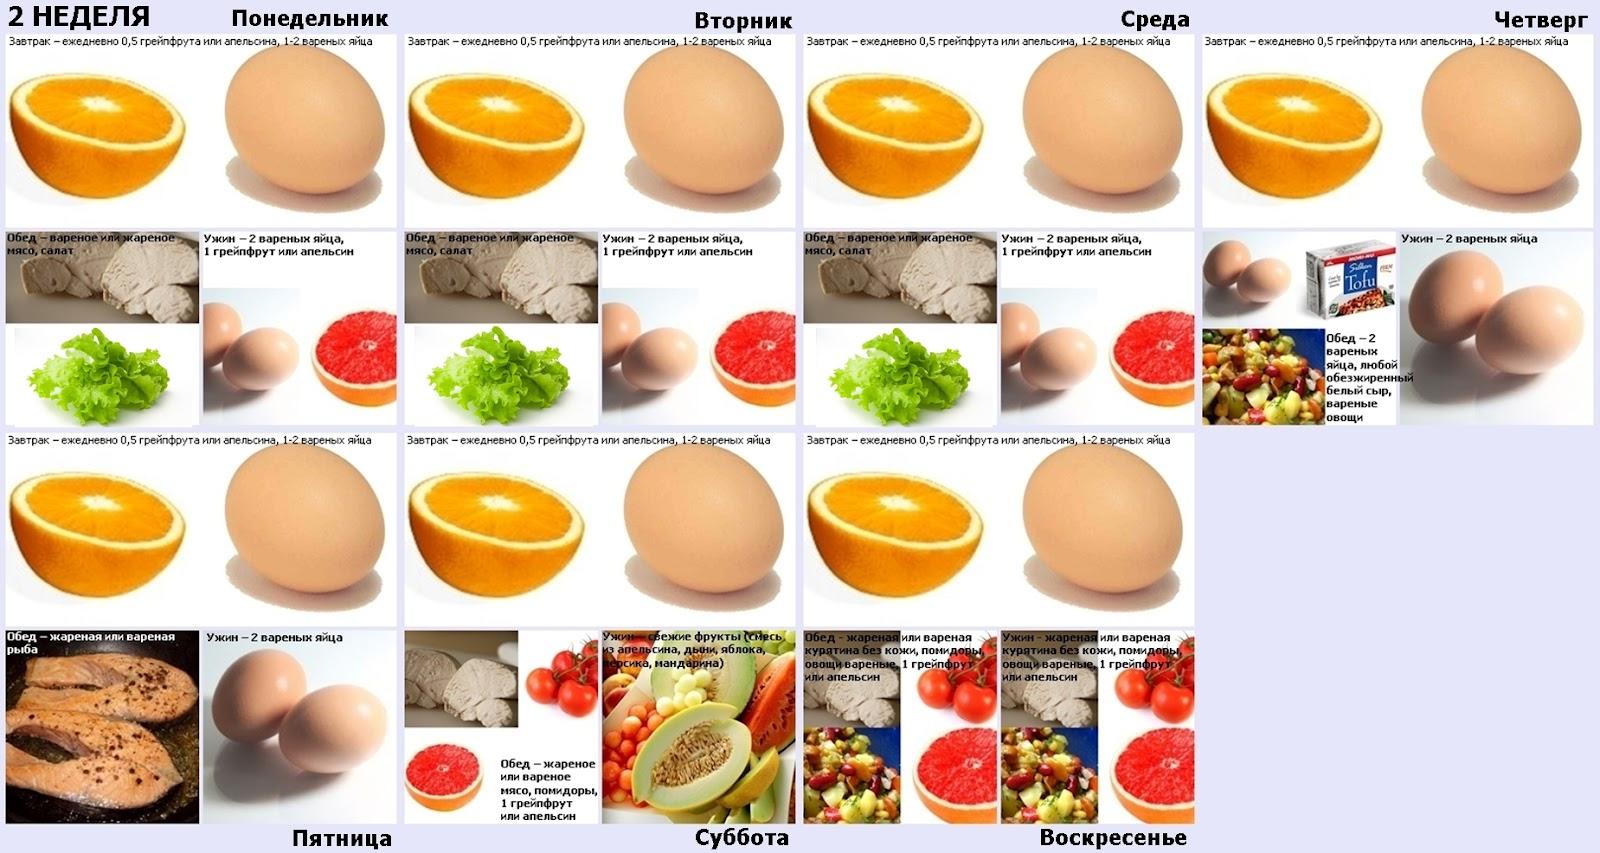 Сколько В День Можно Яиц При Диете. Яичная диета на 7 дней: закукарекаем, но похудеем обязательно!